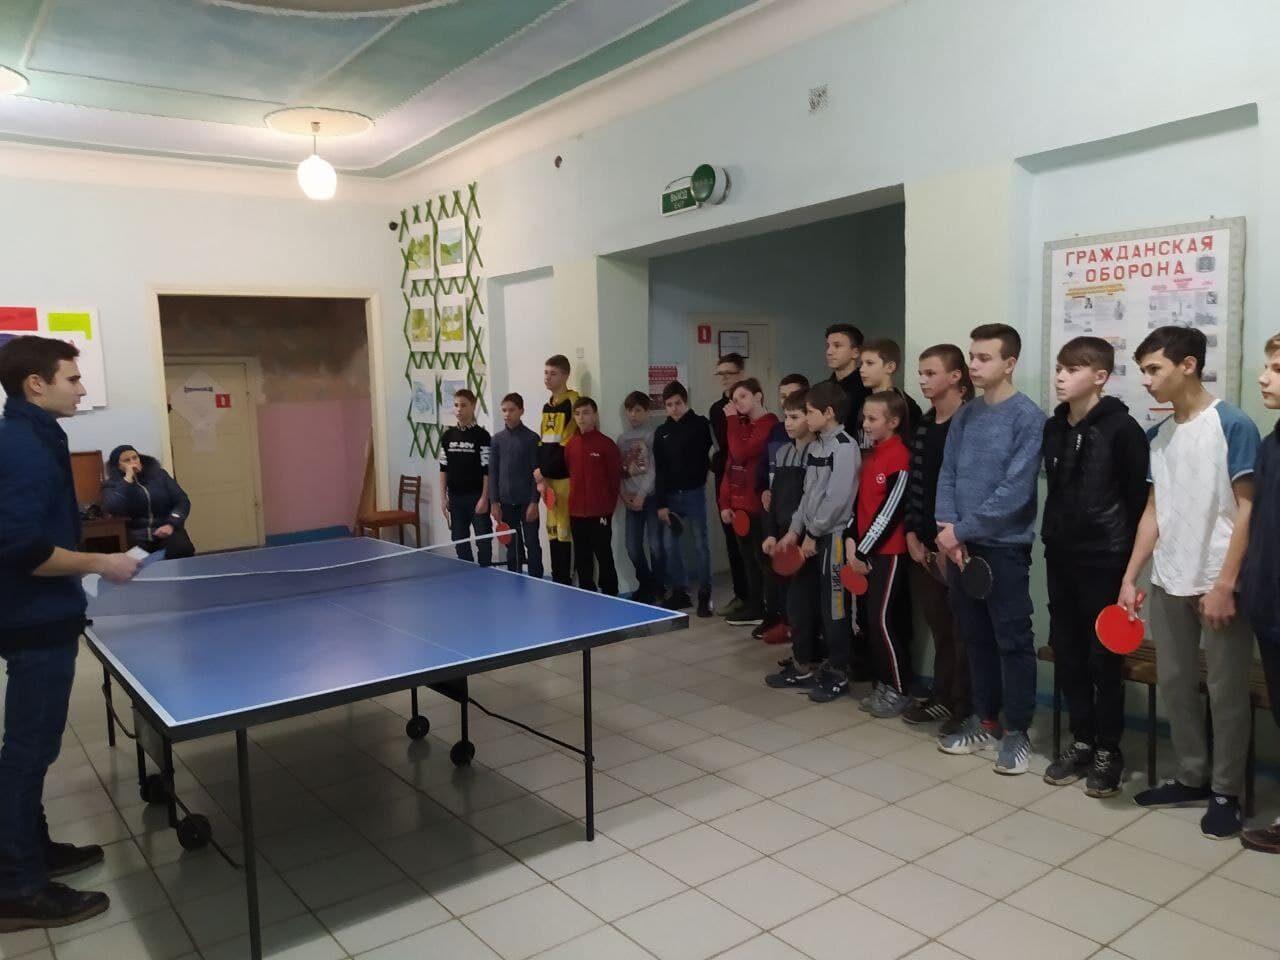 sorevnovaniya-nastolnij-tennis